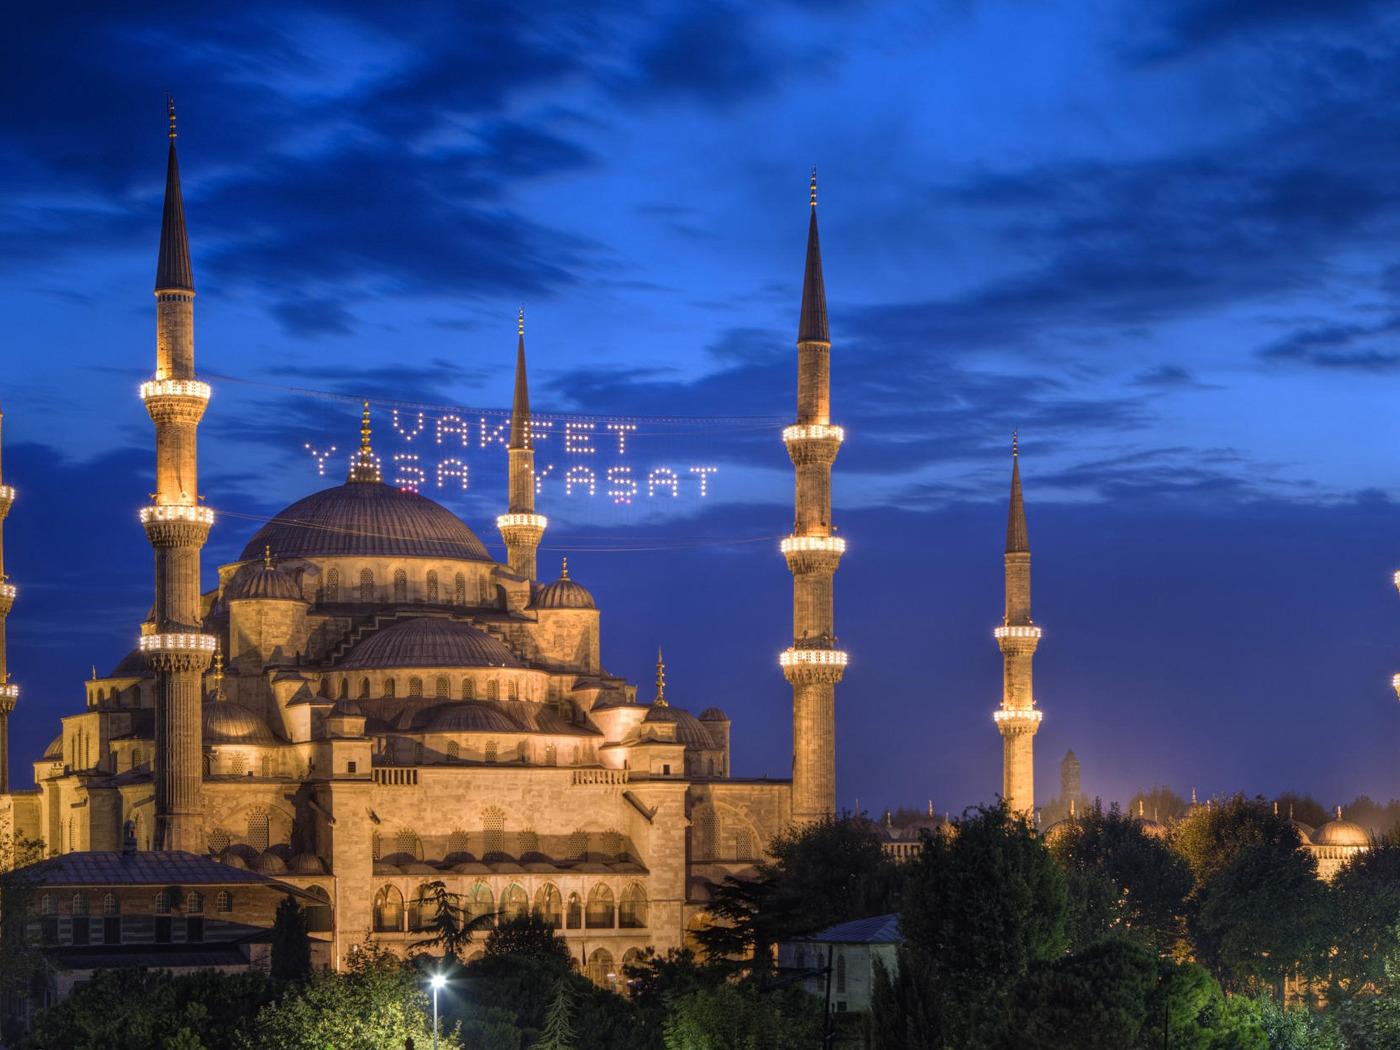 Картинки мечетей с надписями